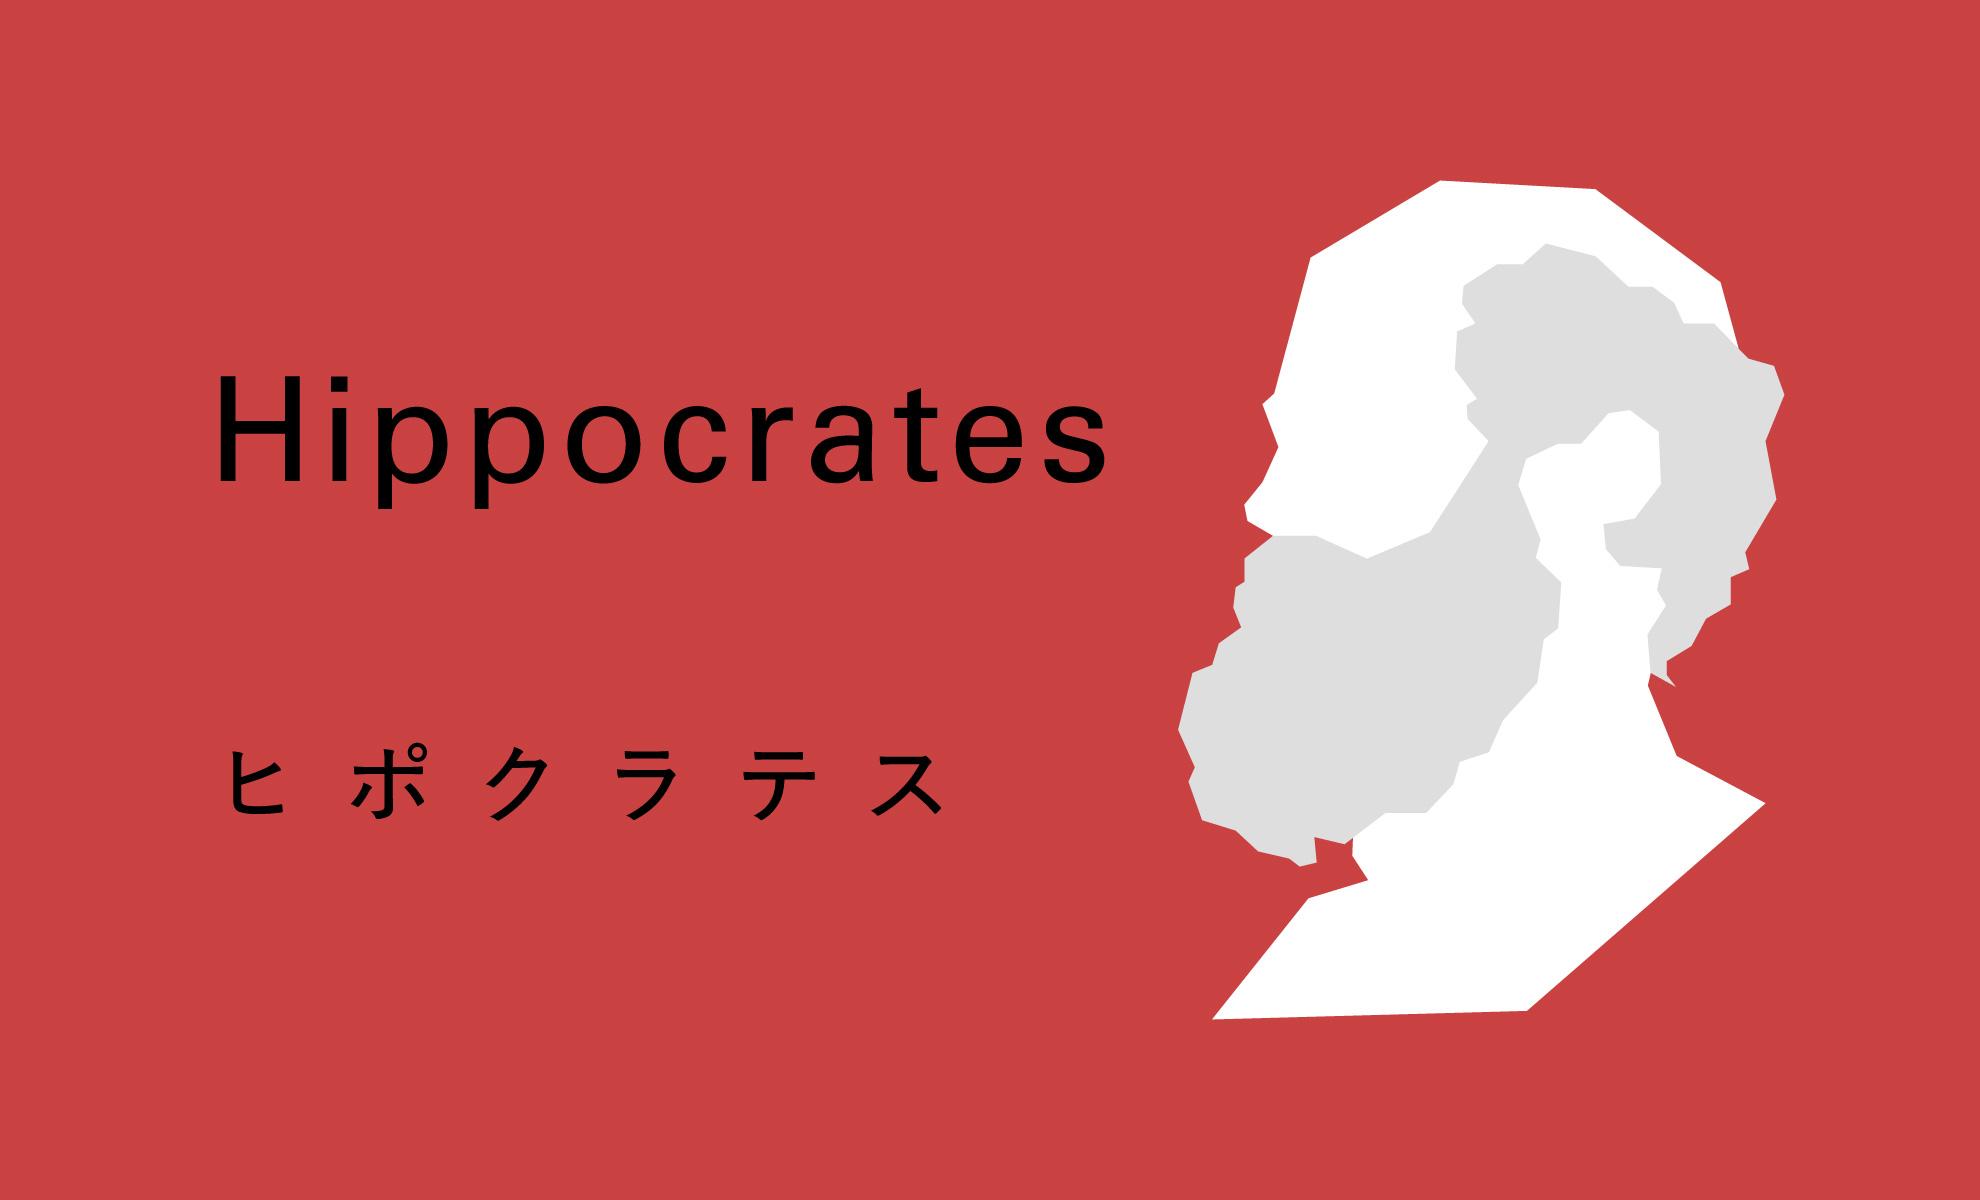 ヒポクラテスのイラスト